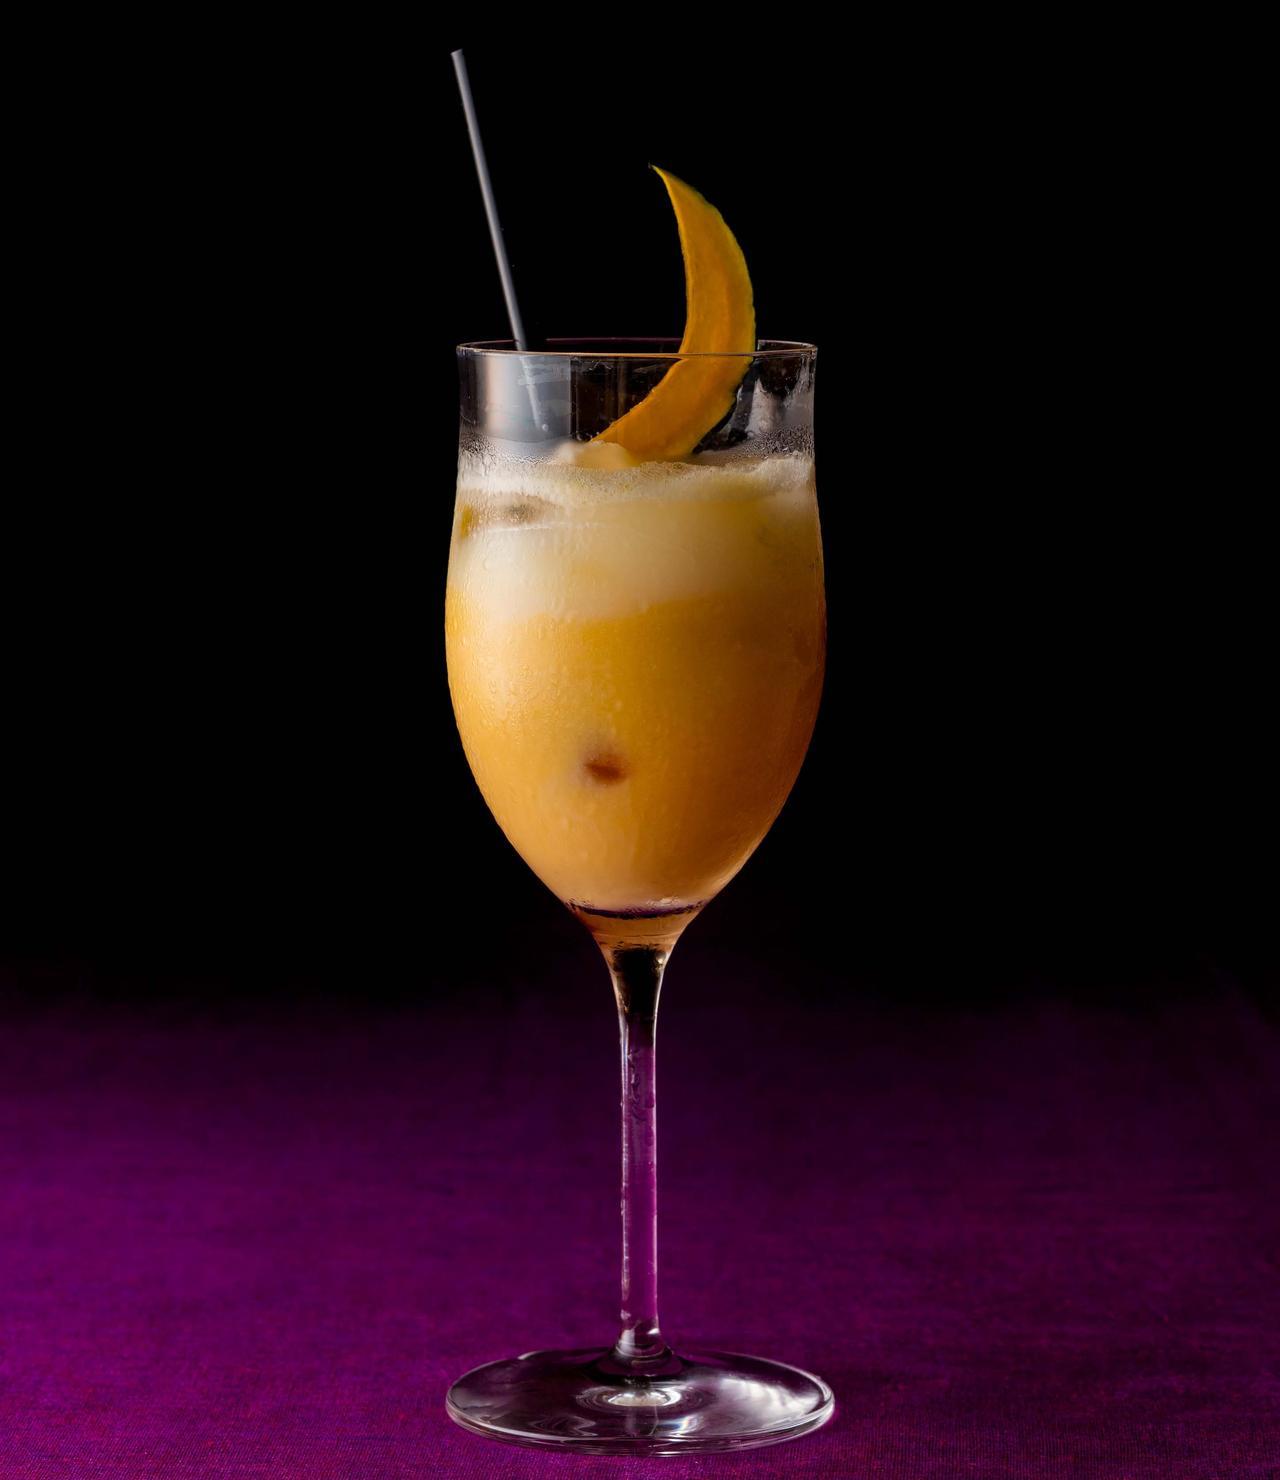 画像: 【パンプキン カクテル】2,257円 丁寧に裏ごししたカボチャに、卵のリキュールのなめらかさとラム酒の香りを加えた作品。とろける口当たりに秋の深まりを感じるカクテル。大人のハロウィンにおすすめです。